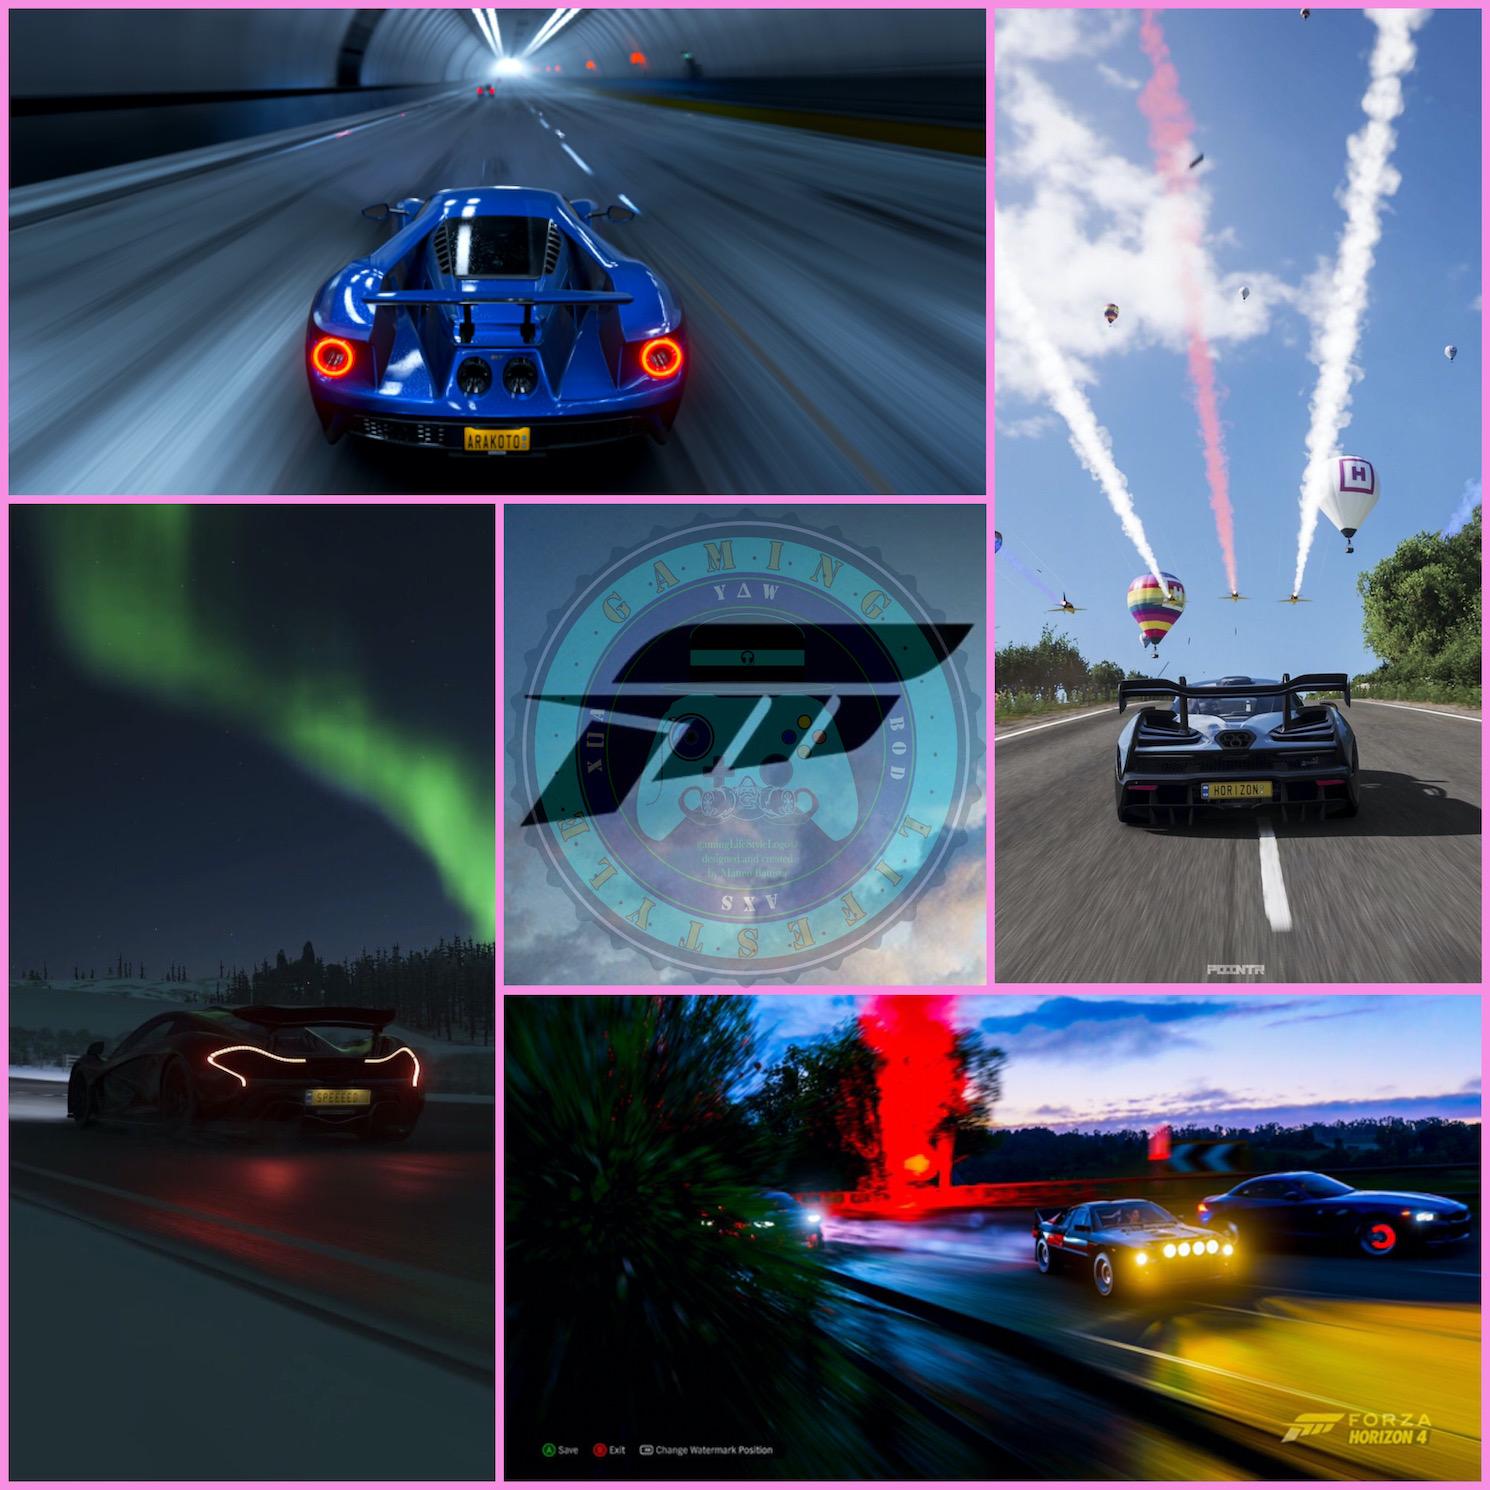 forza-horizon-4-fh-fh4-considerazioni-riflessioni-insta-thoughts-gaming-quarantena-coronavirus-covid-19-videogiochi-videogames